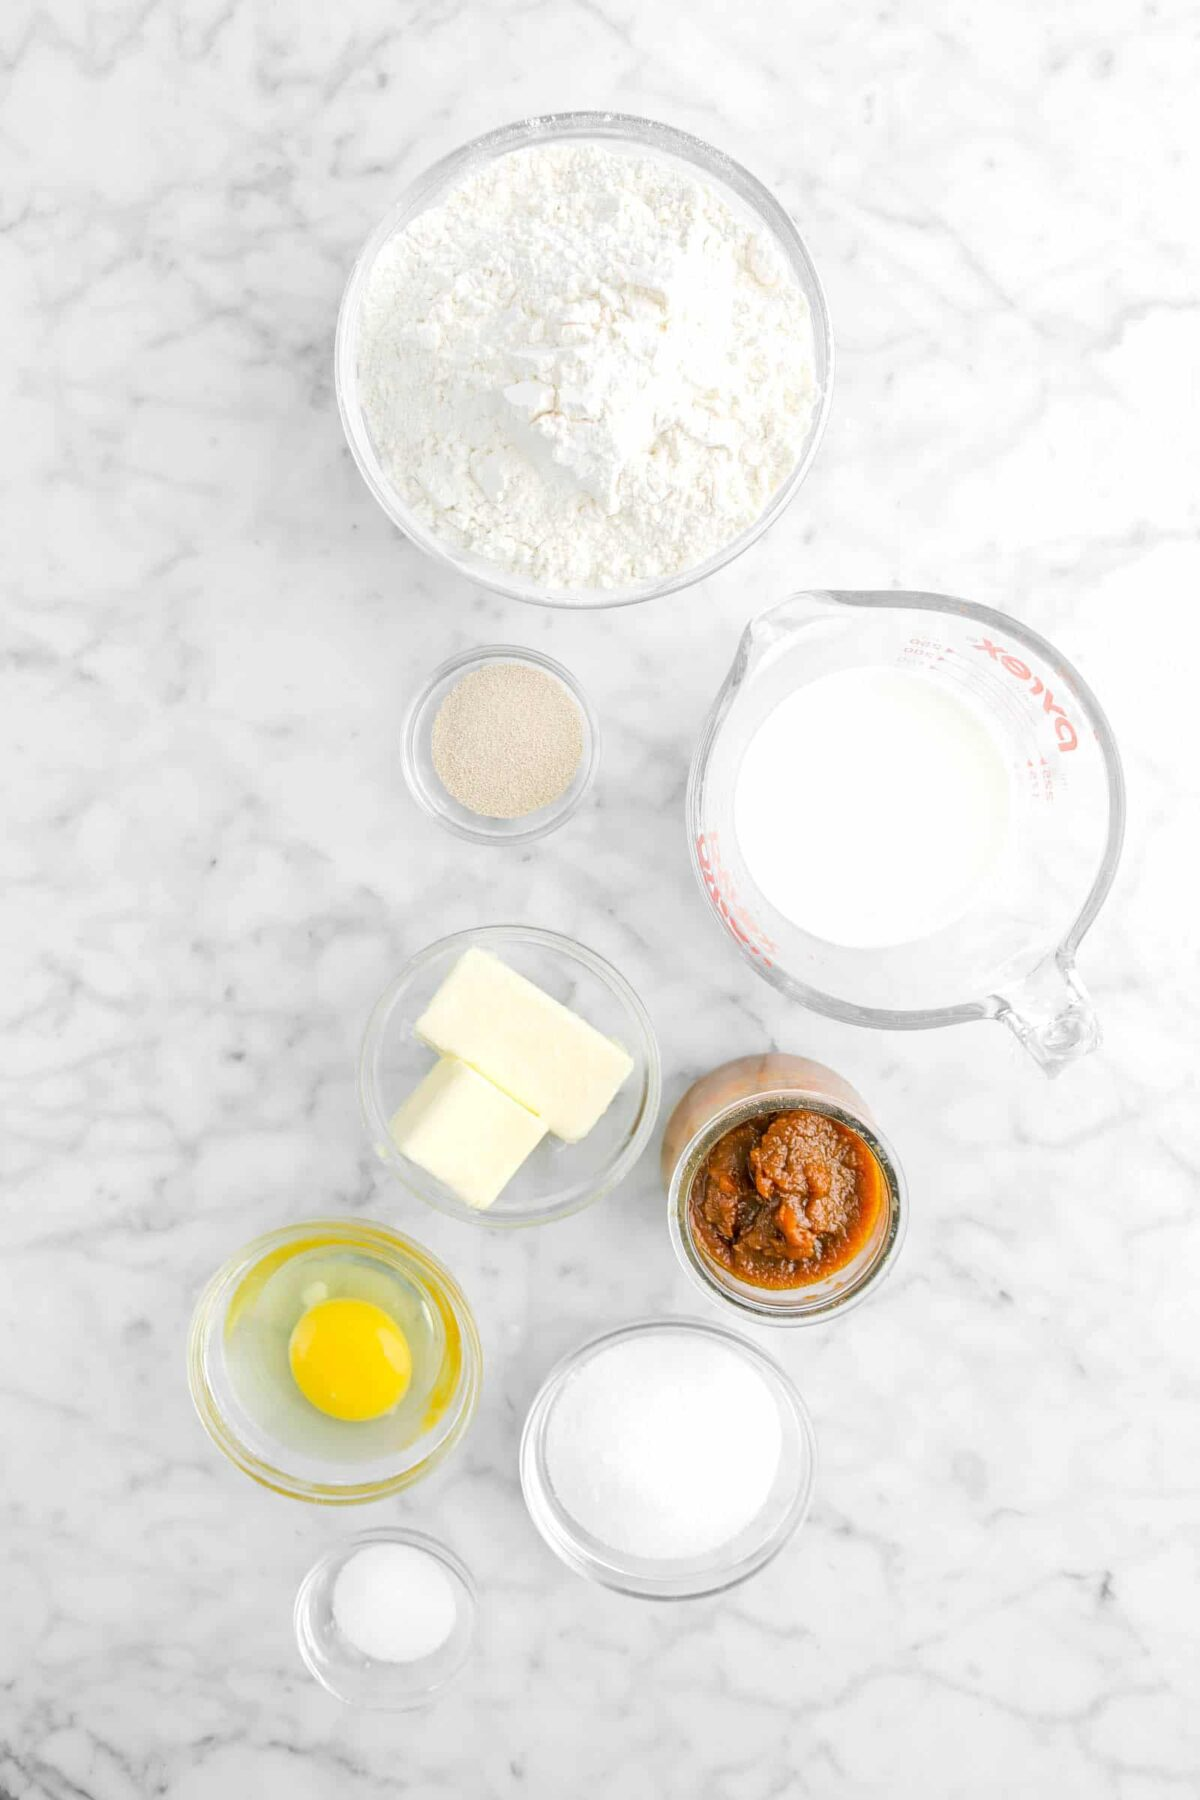 flour, yeast, milk, butter, pumpkin butter, egg, sugar, and salt on marble counter